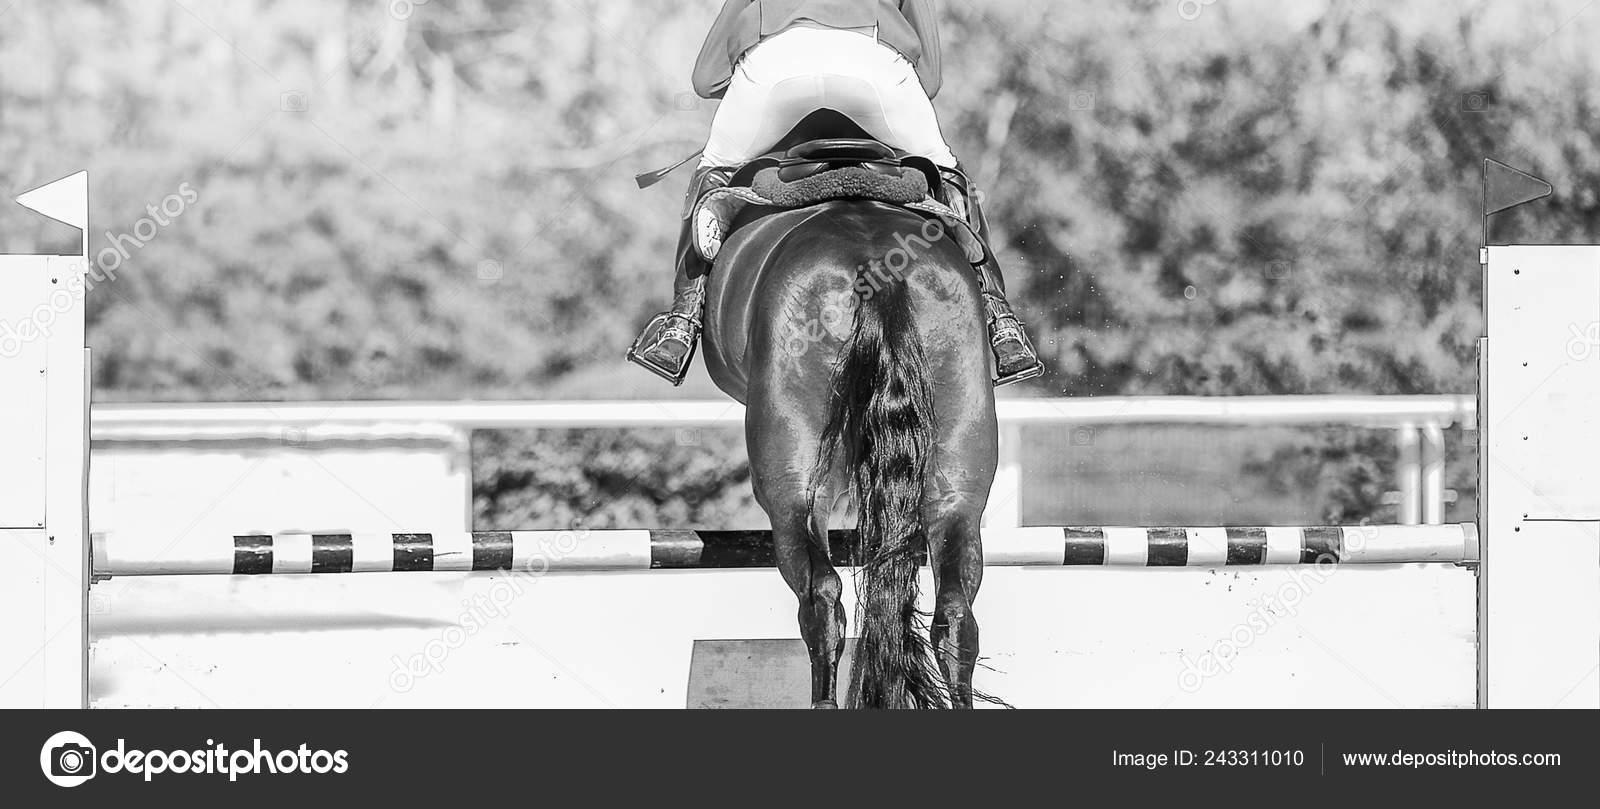 Horse Horizontal Black White Banner Website Header Poster Wallpaper Monochrome Stock Photo C Martanovak 243311010